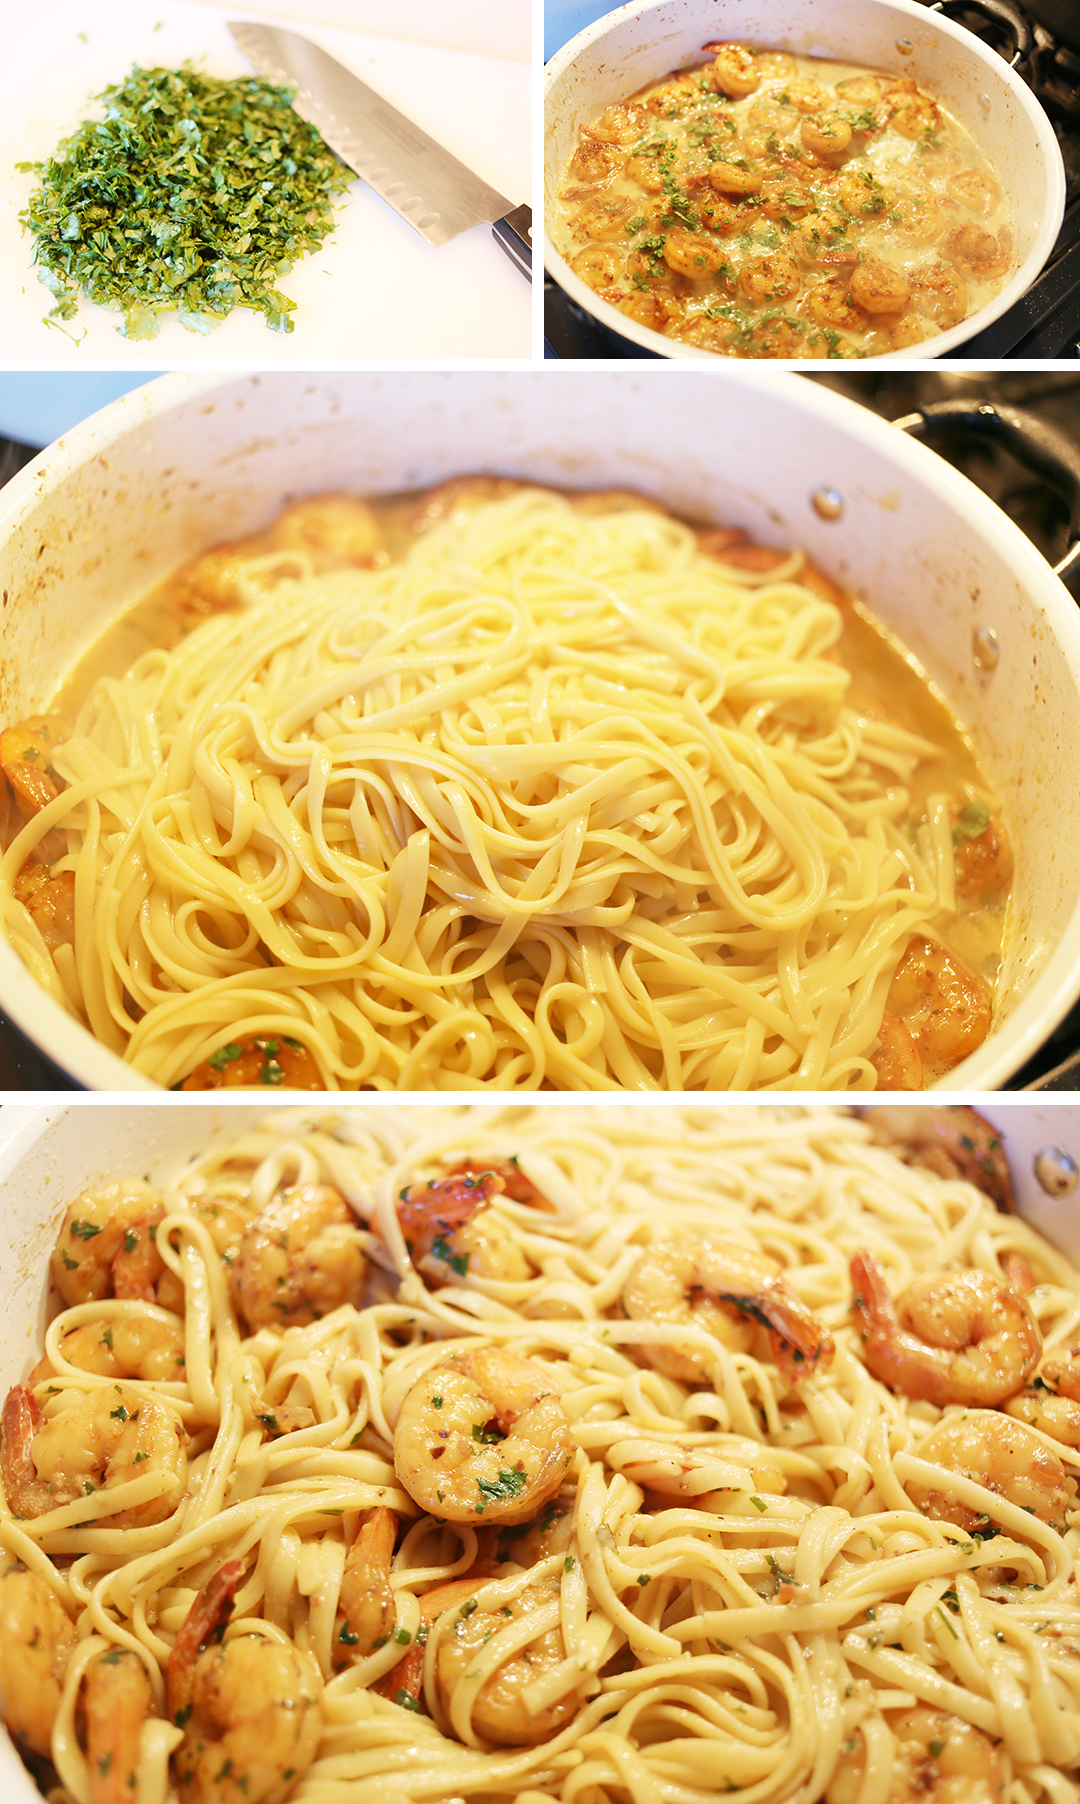 Lemon Garlic Shrimp Pasta - Step 5